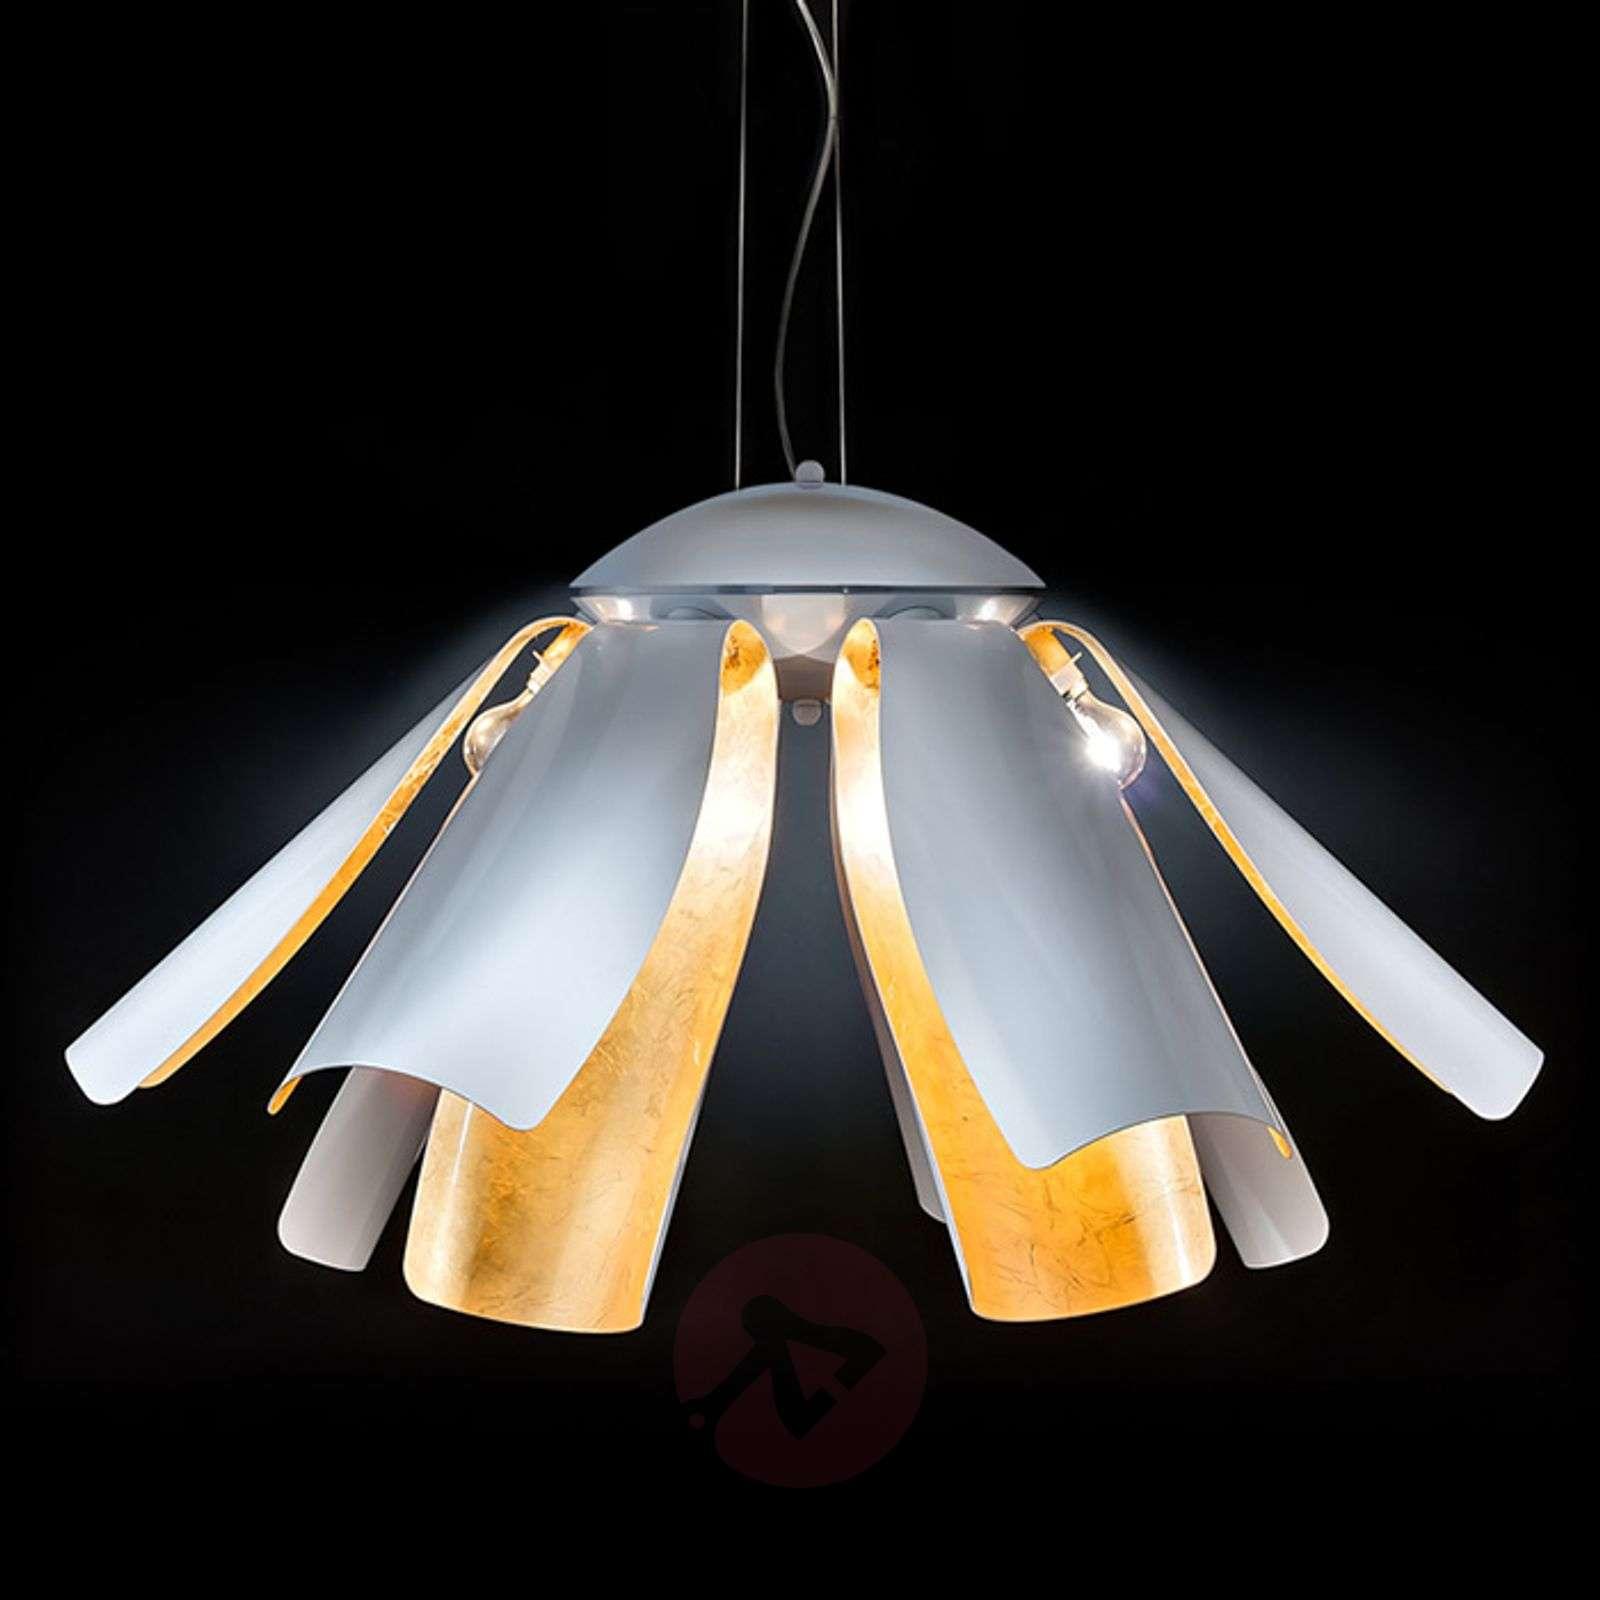 Gold leaf designer hanging light tropic 100 cm lights gold leaf designer hanging light tropic 100 cm 6511154 01 aloadofball Choice Image